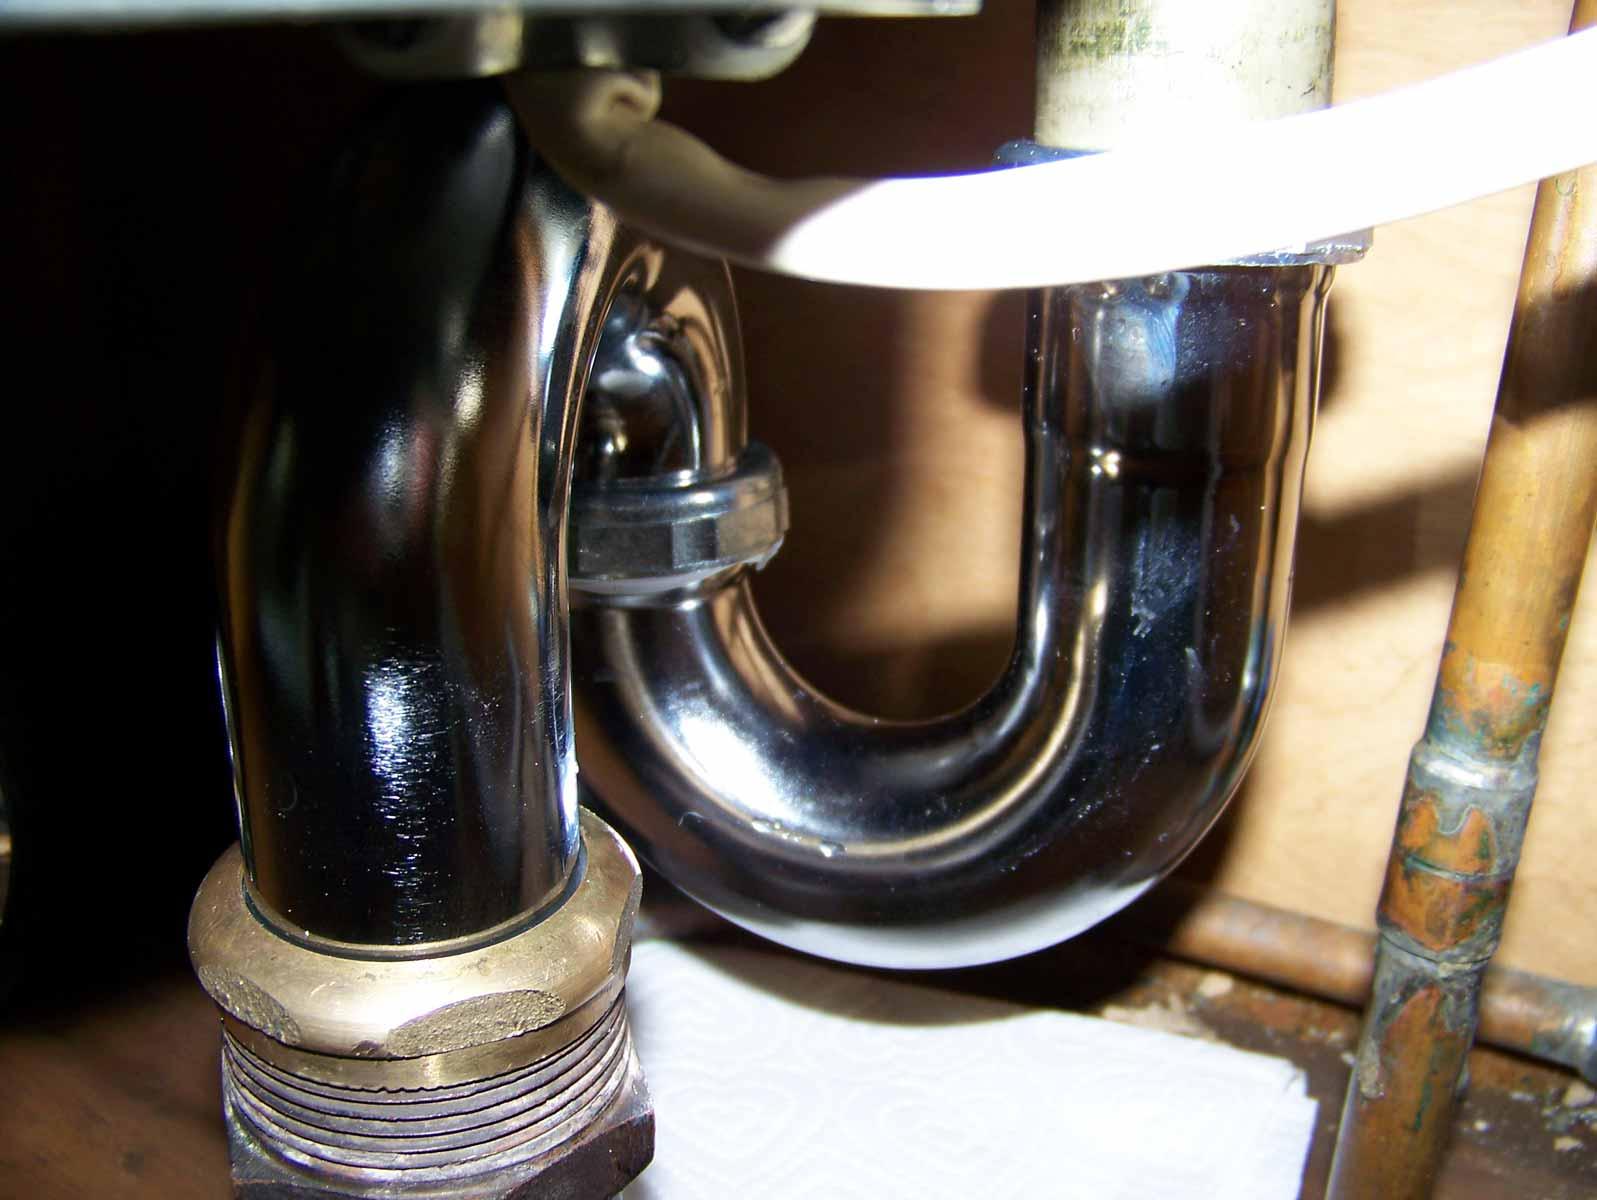 plumbing repair image for plumbing repairs page